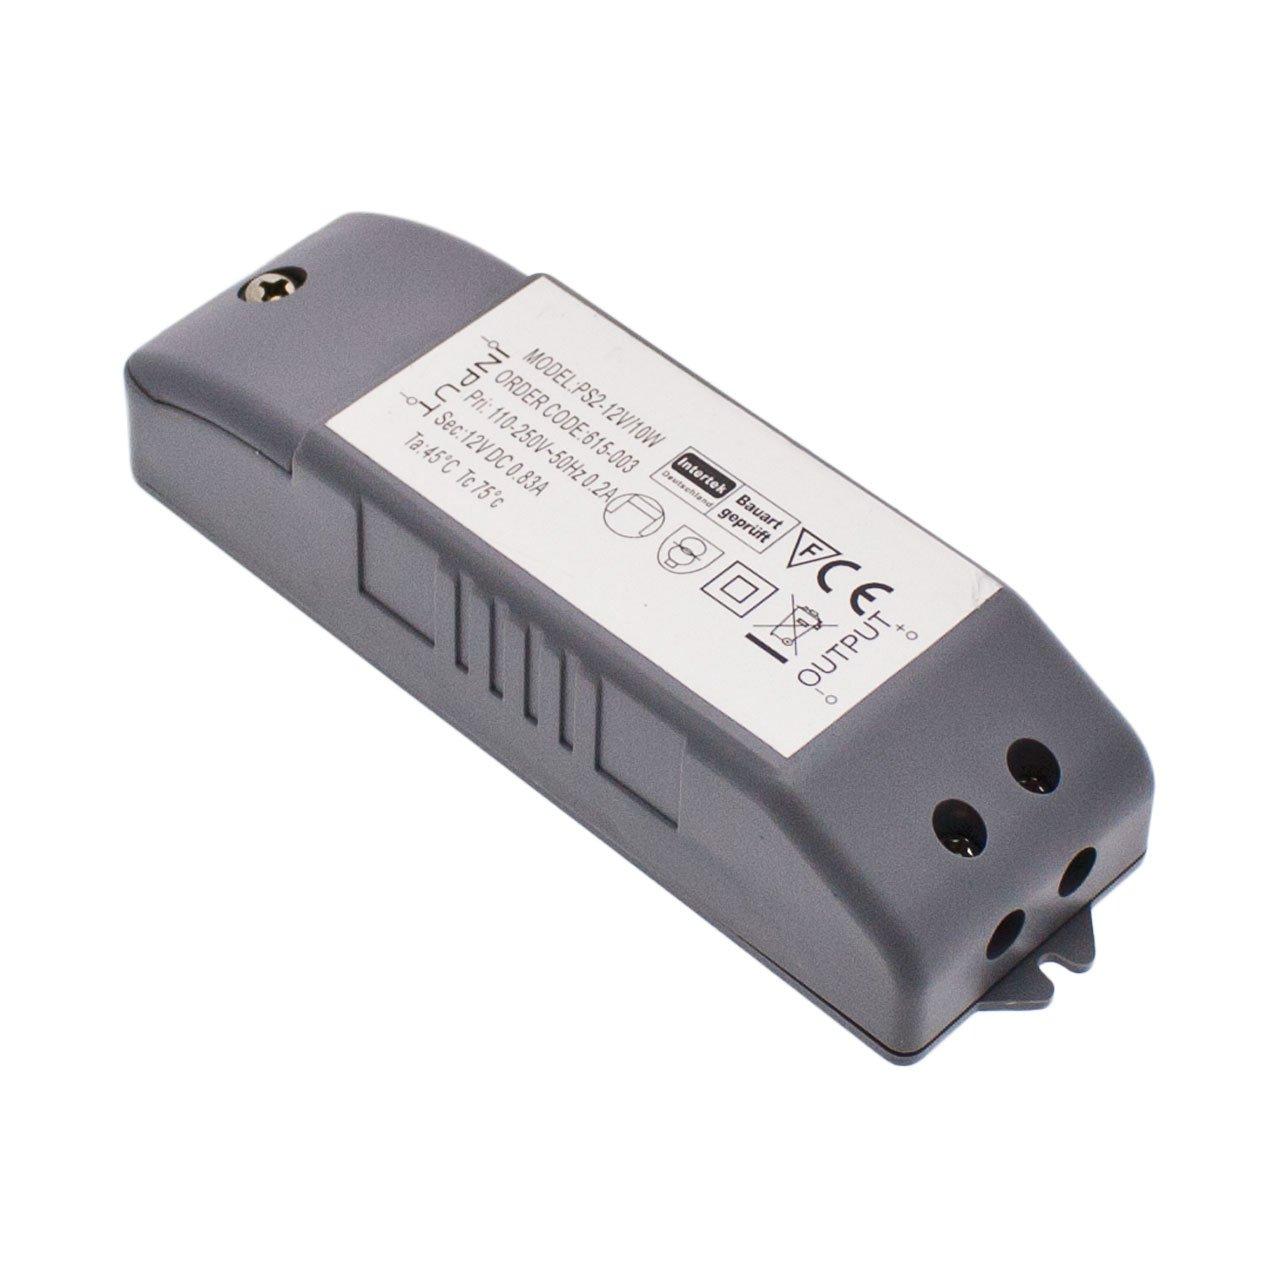 LuminalPark Alimentatore tensione costante, 10 Watt, 12V Lottiimportex